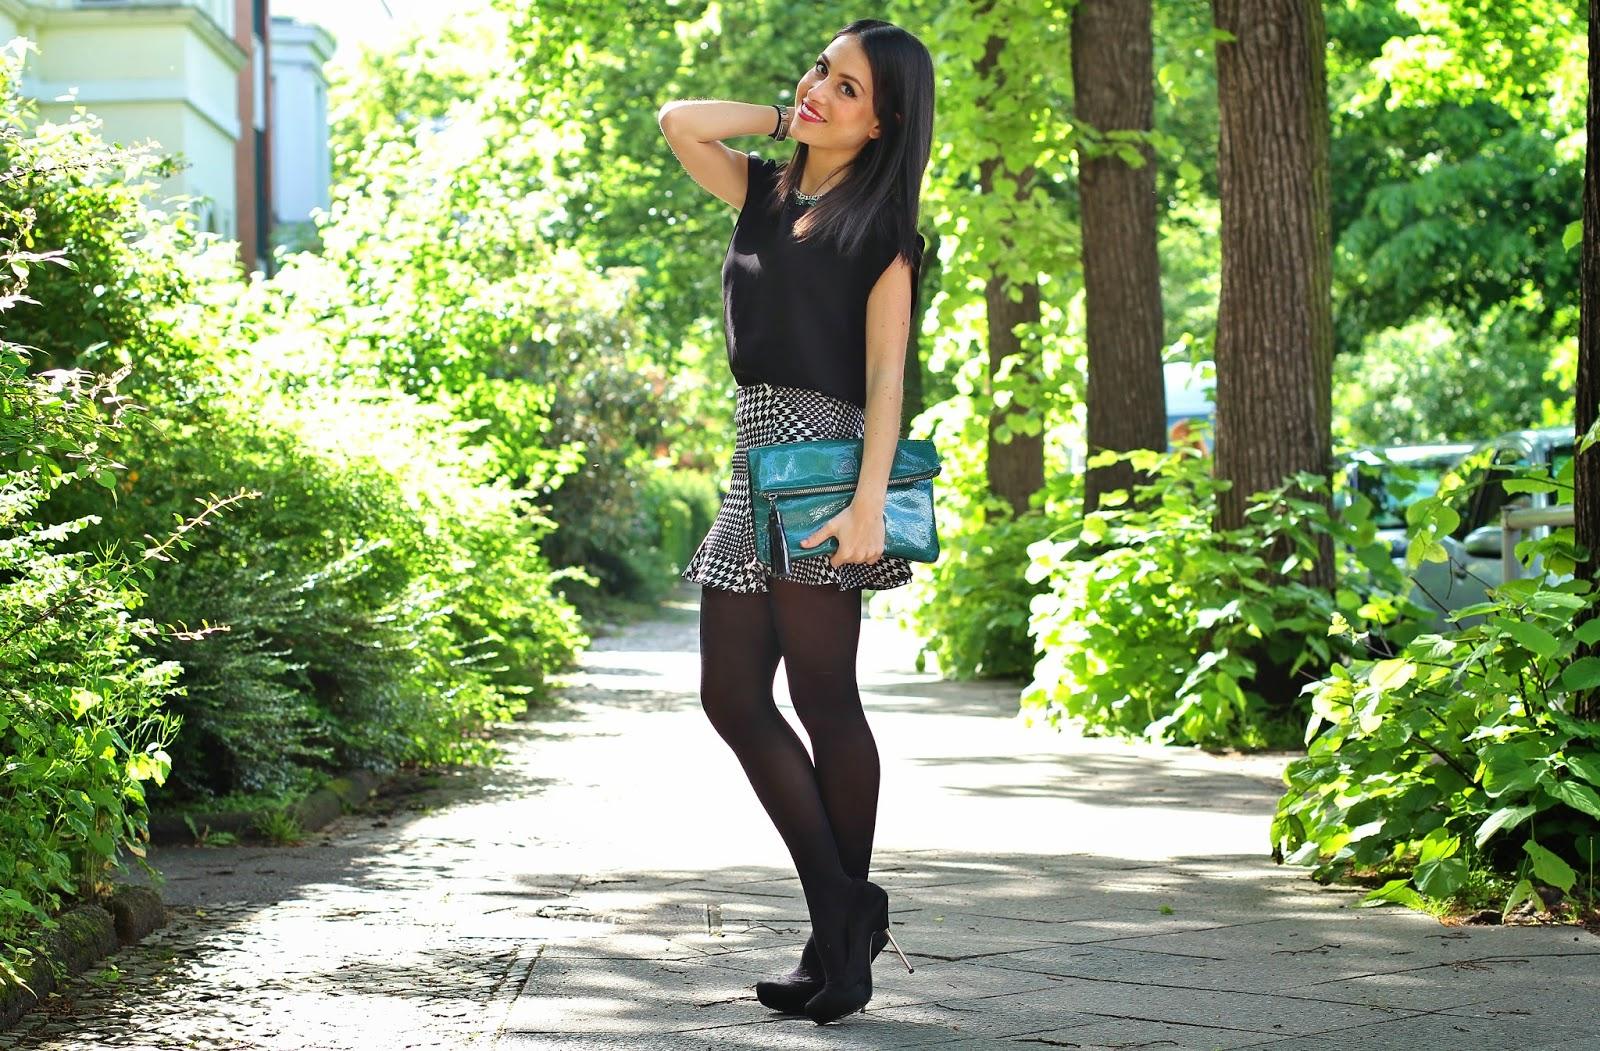 italian_fashion_blogger_germany_berlin_thechicetoile_francesca_castellano